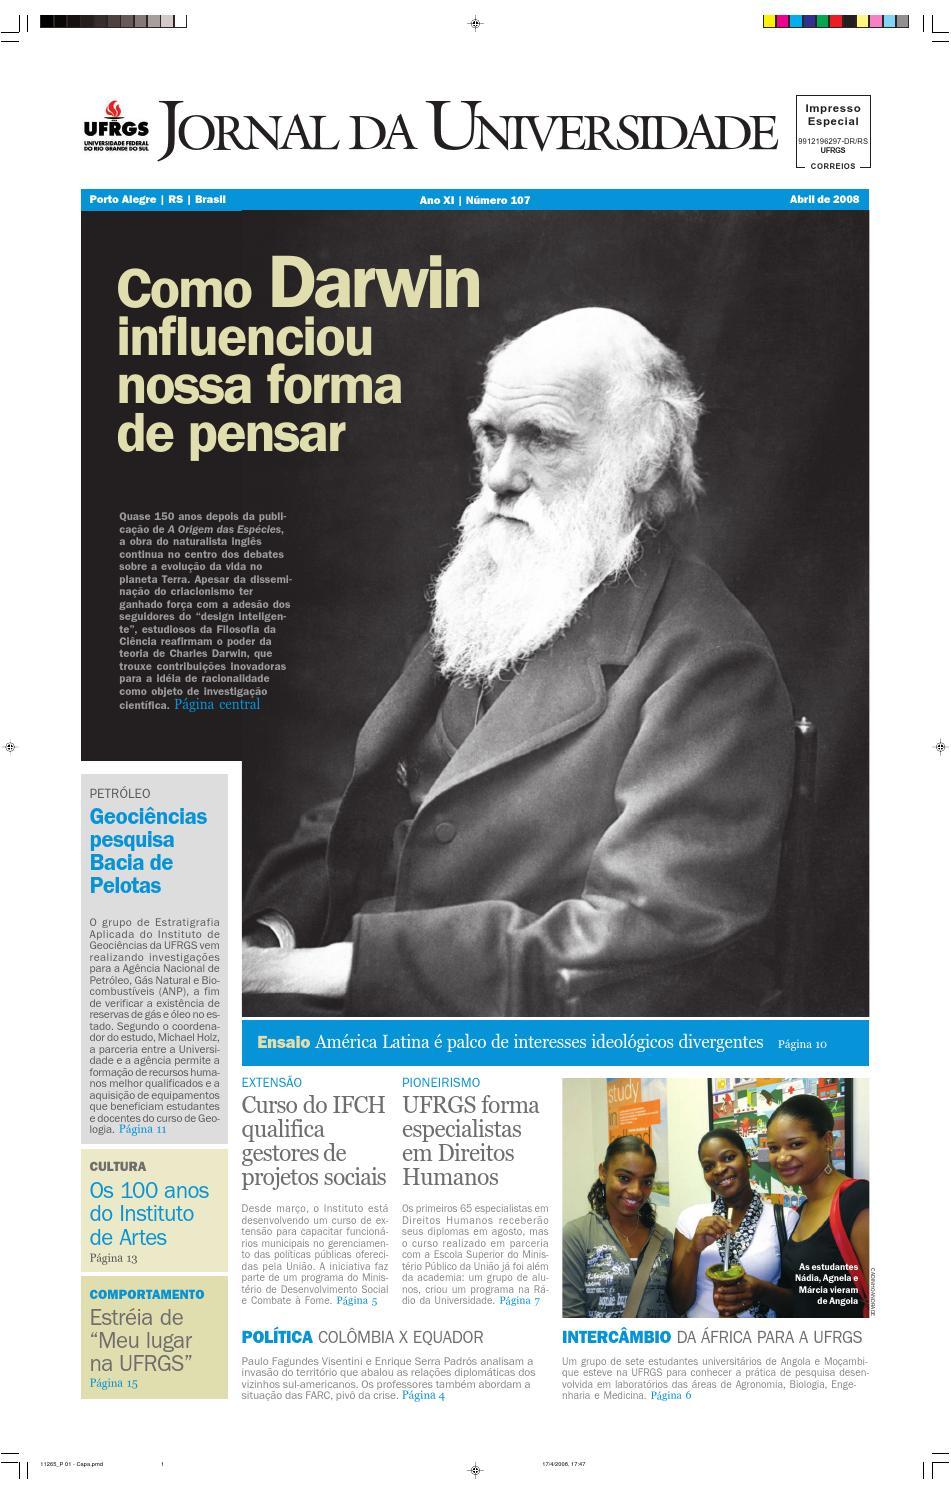 Jornal da Universidade by Universidade Federal do Rio Grande do Sul - issuu 4ff4314153